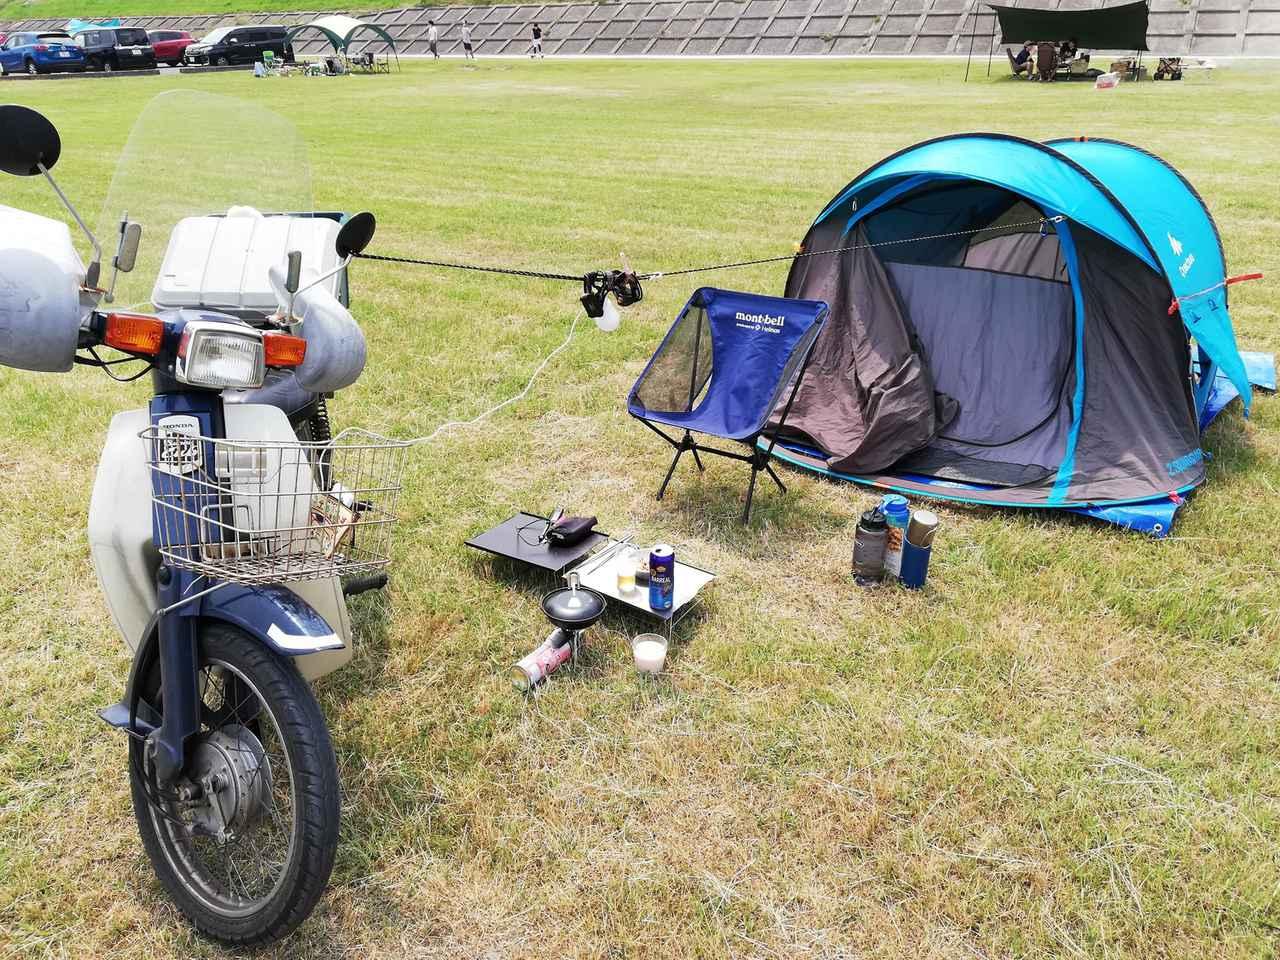 画像: まずはキャンプをする場所や施設のルールを知る